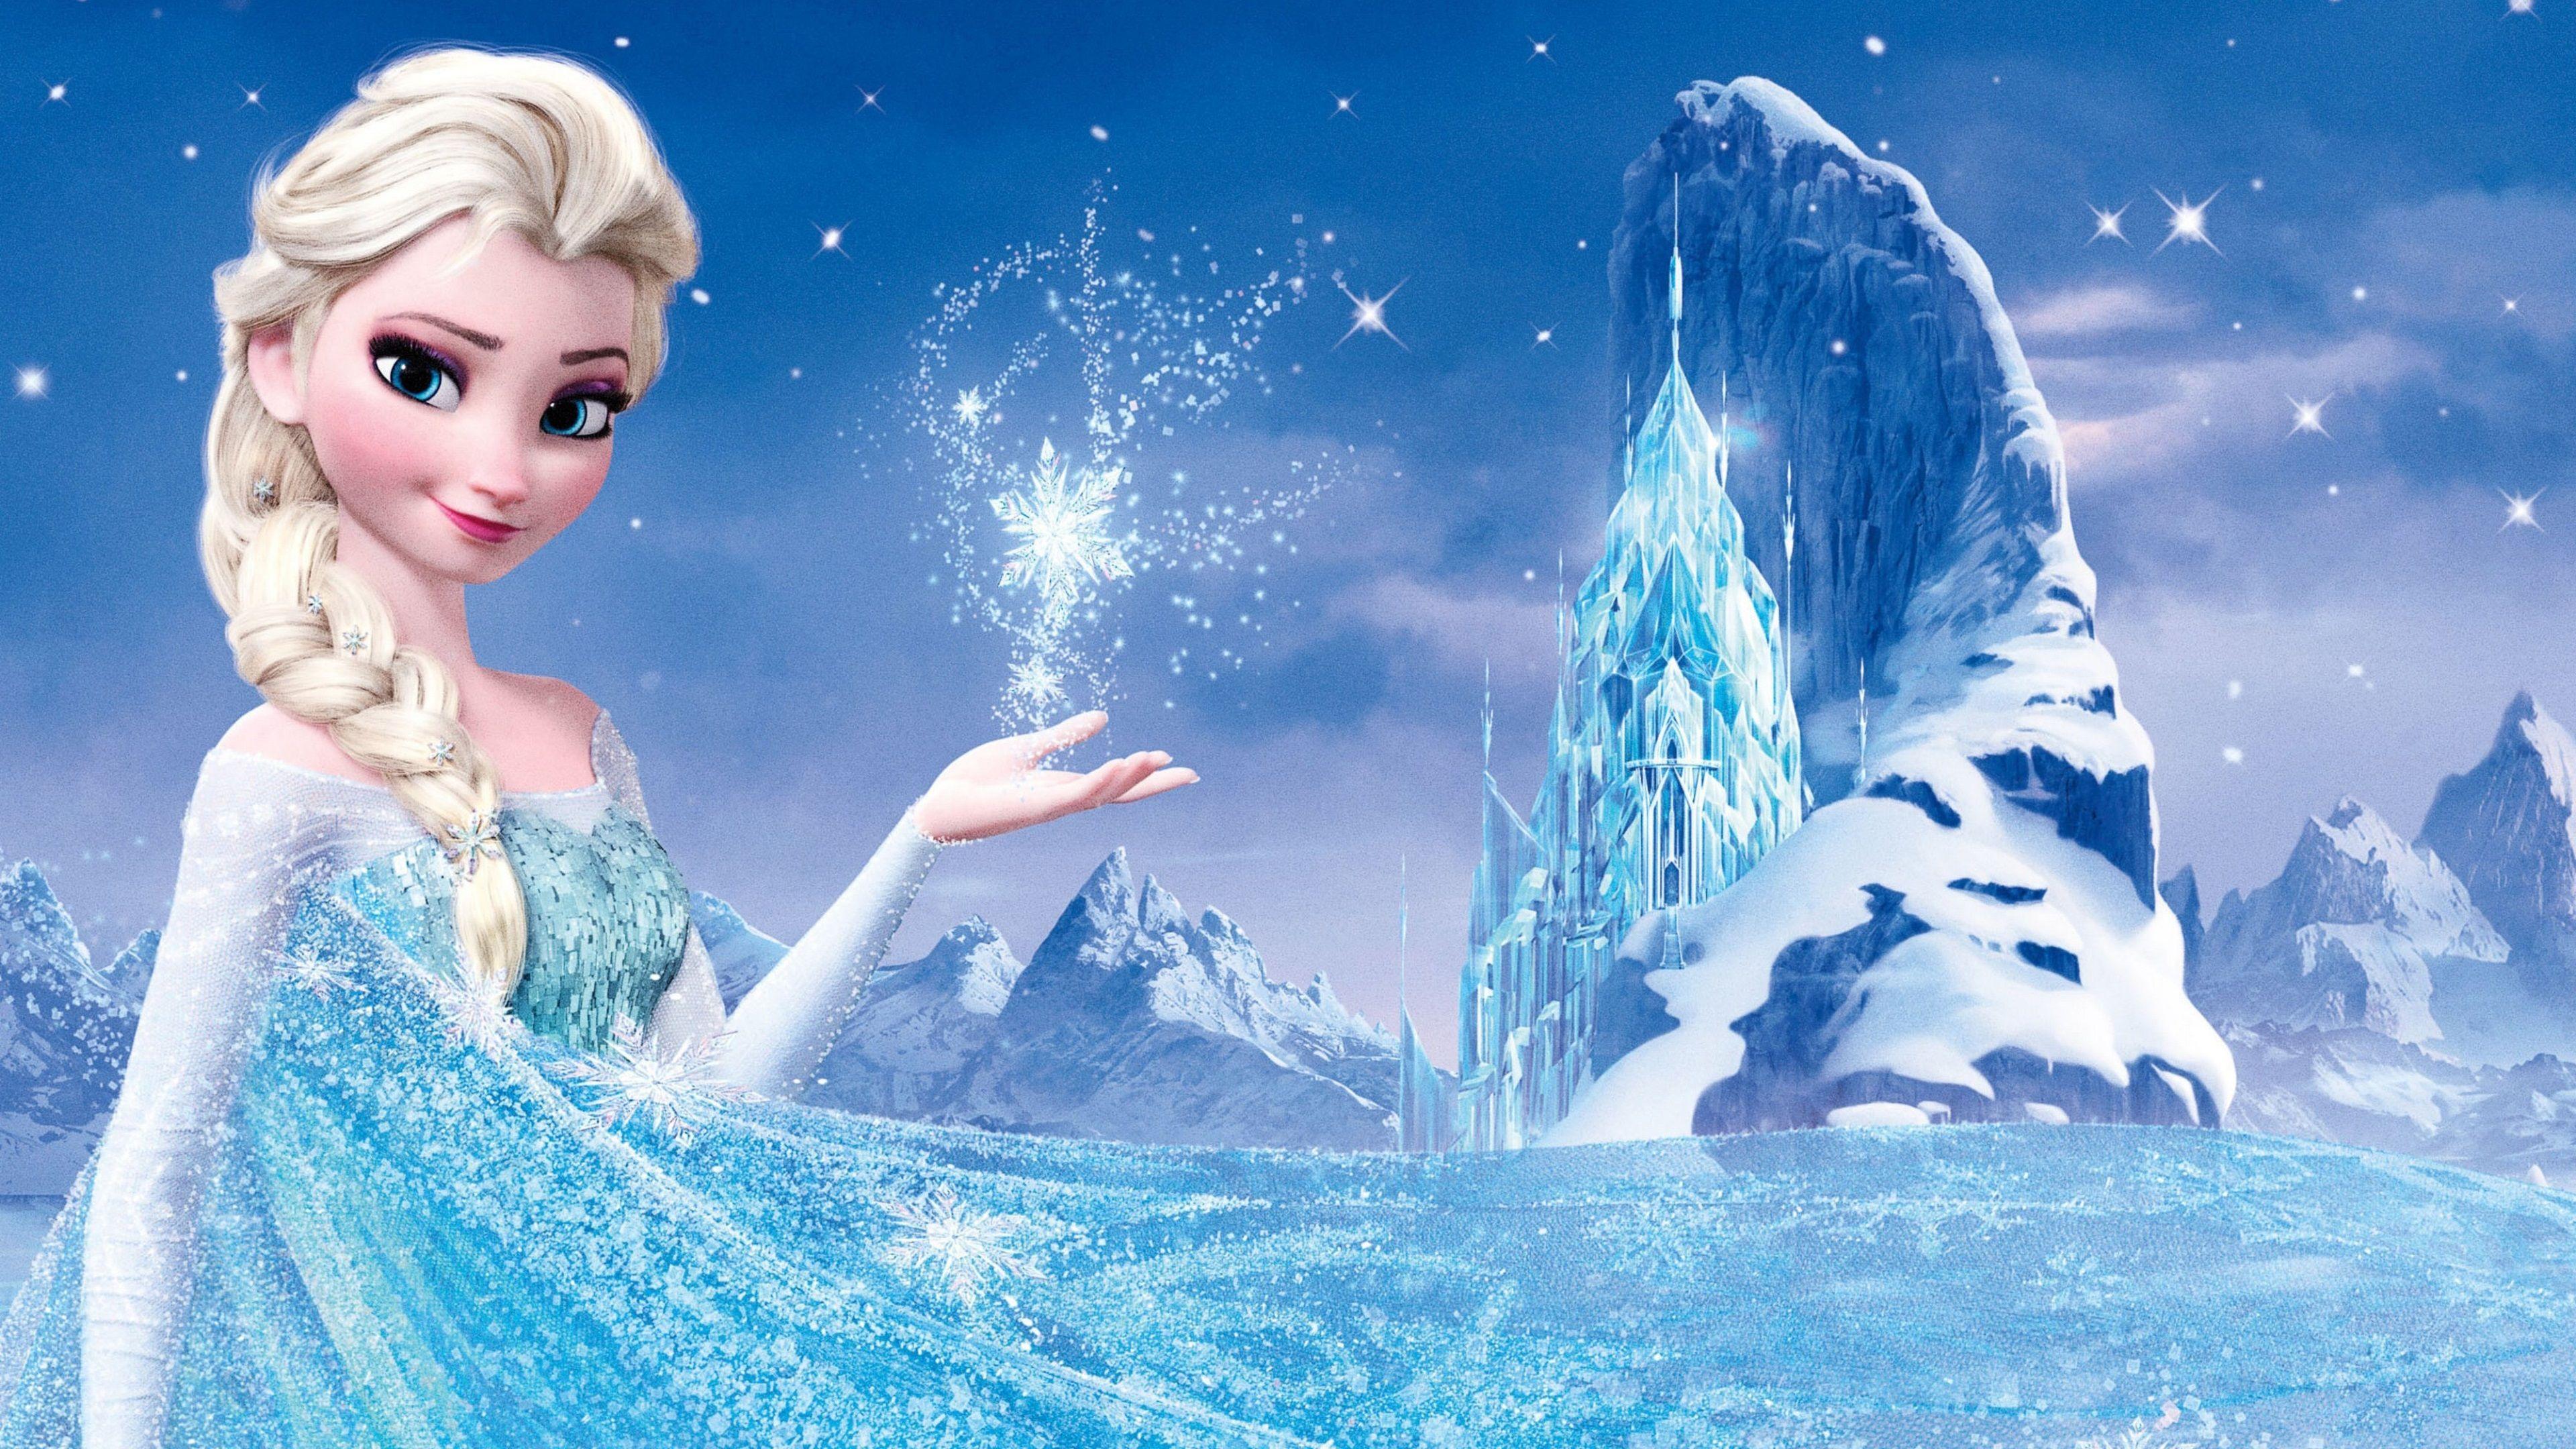 3840x2160 Frozen 4k Best Wallpapers Hd For Desktop Frozen Wallpaper Elsa Frozen Wallpaper Frozen Movie Frozen theme wallpaper hd